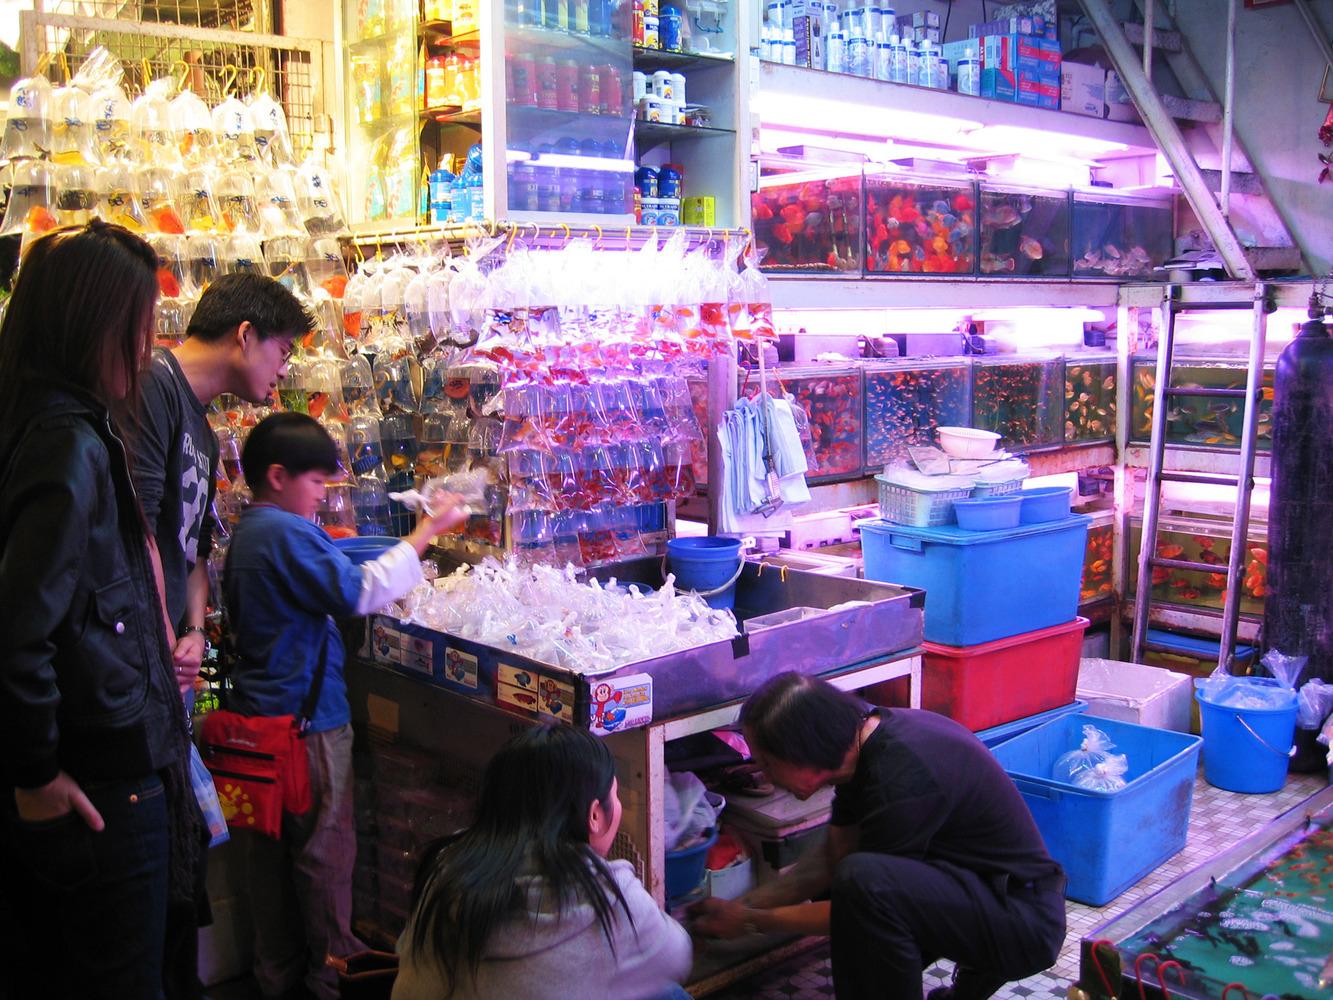 mercado peces hong Kong (3)